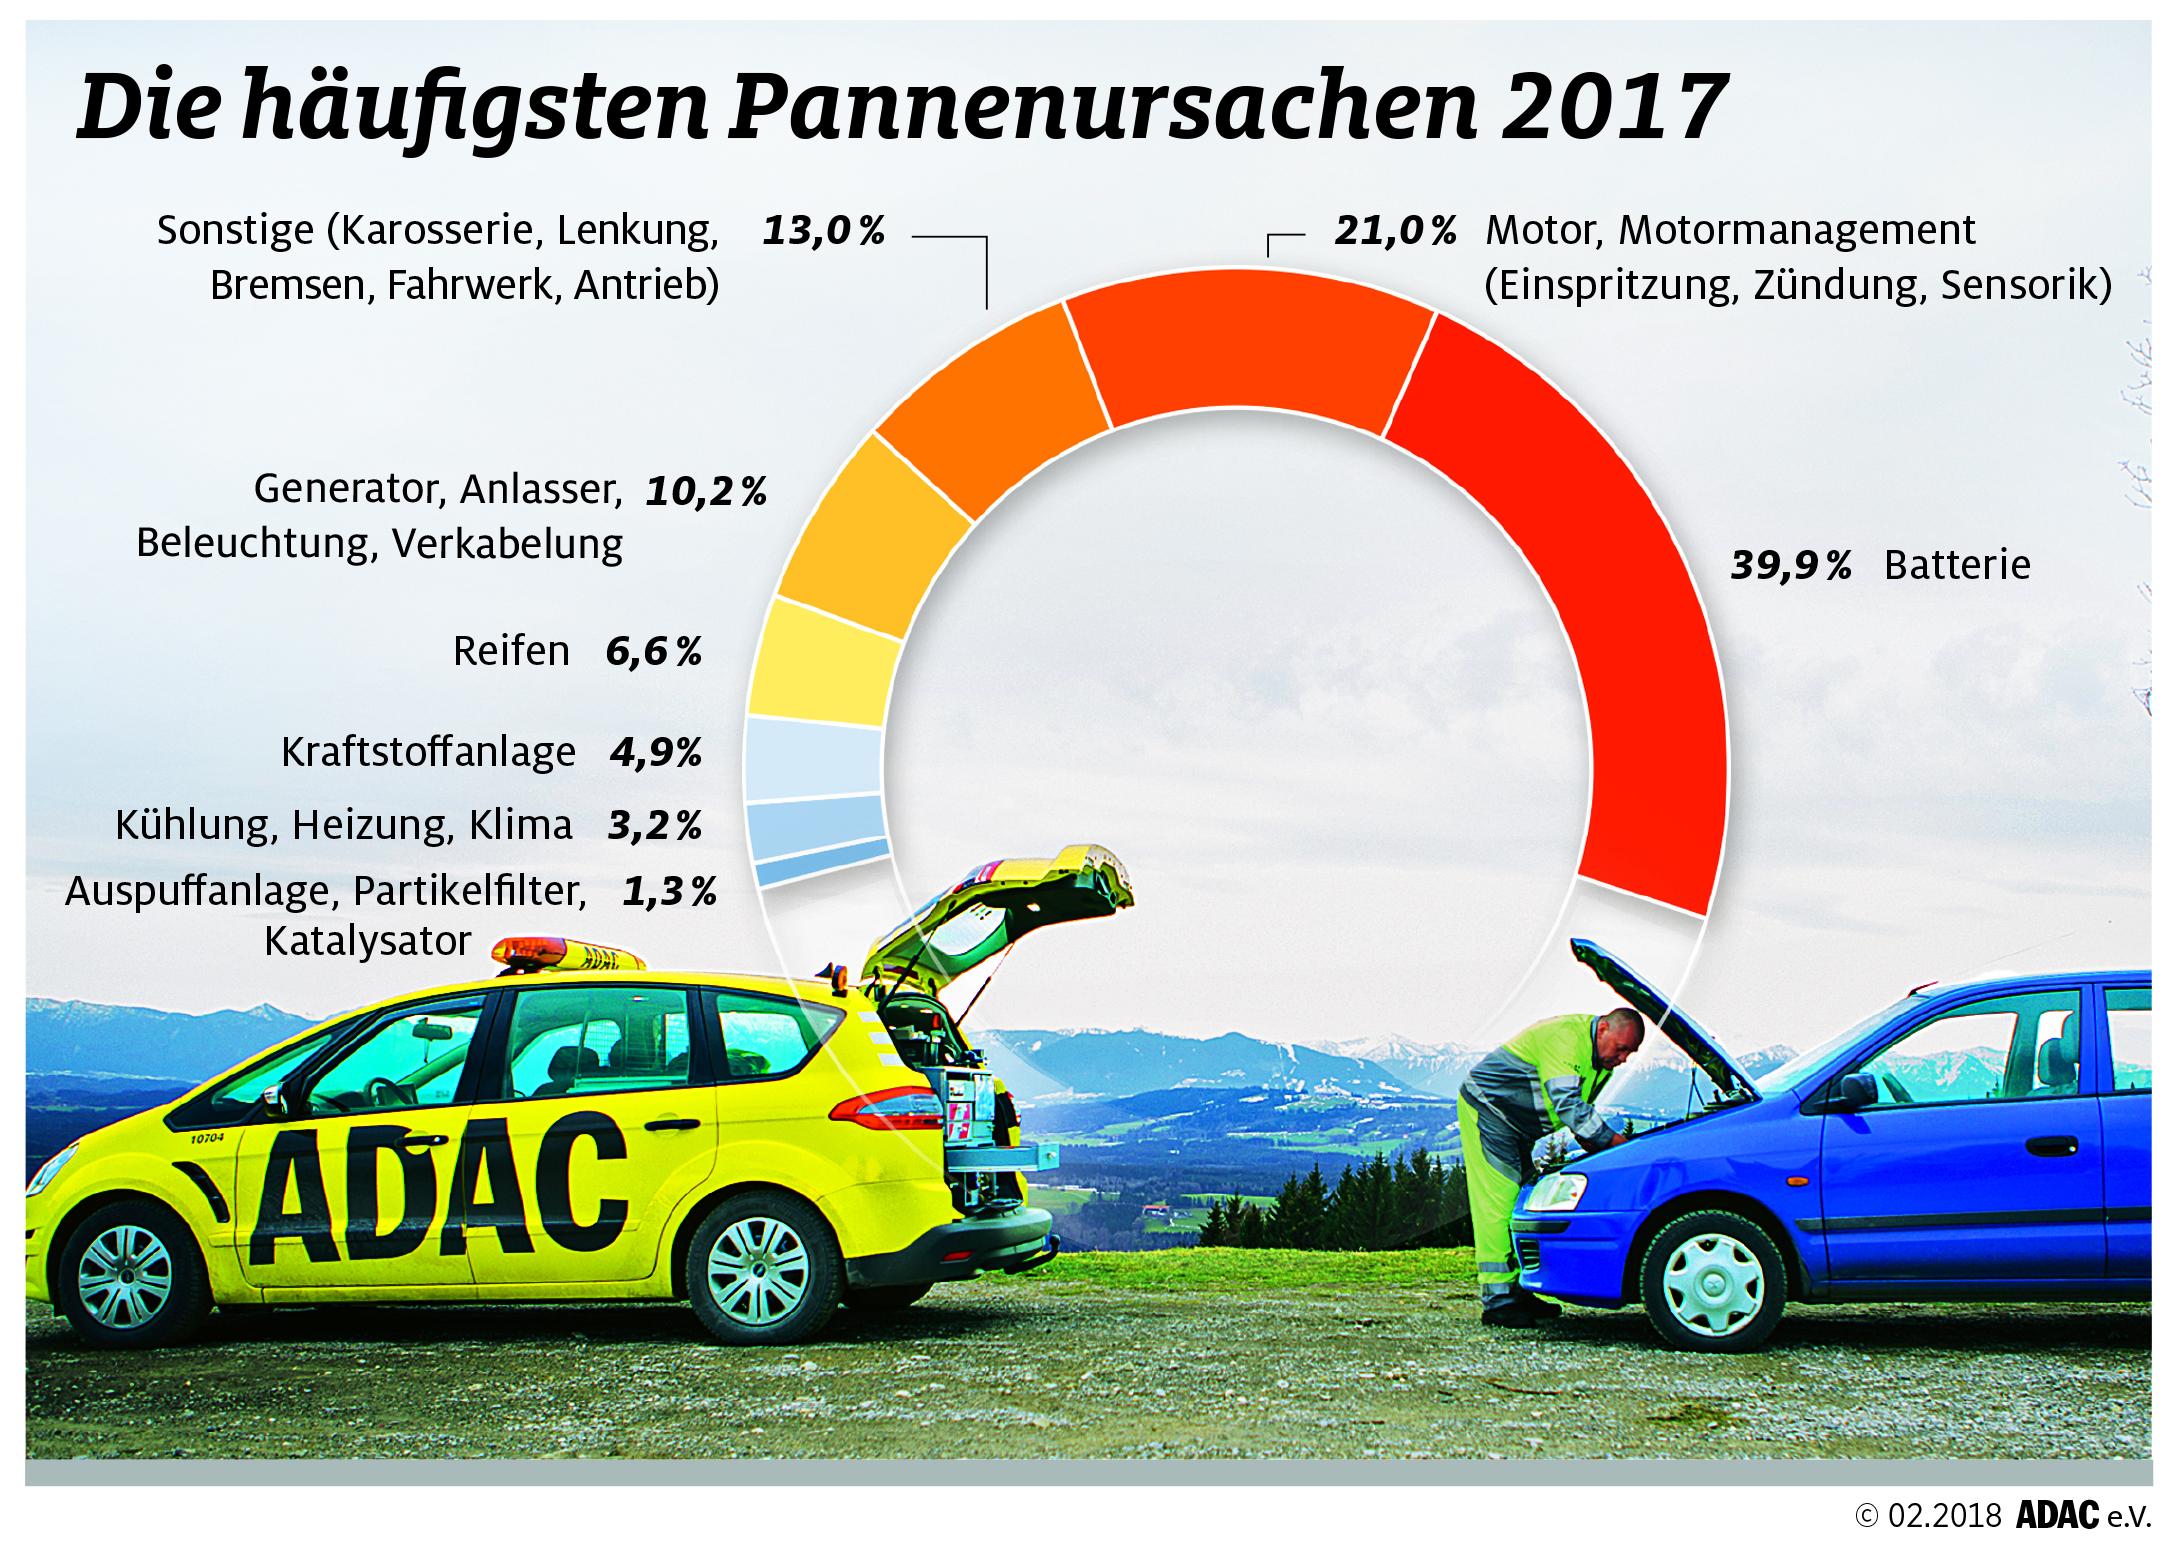 Pannenhilfebilanz 2017: 4 Millionen Einsätze | ADAC